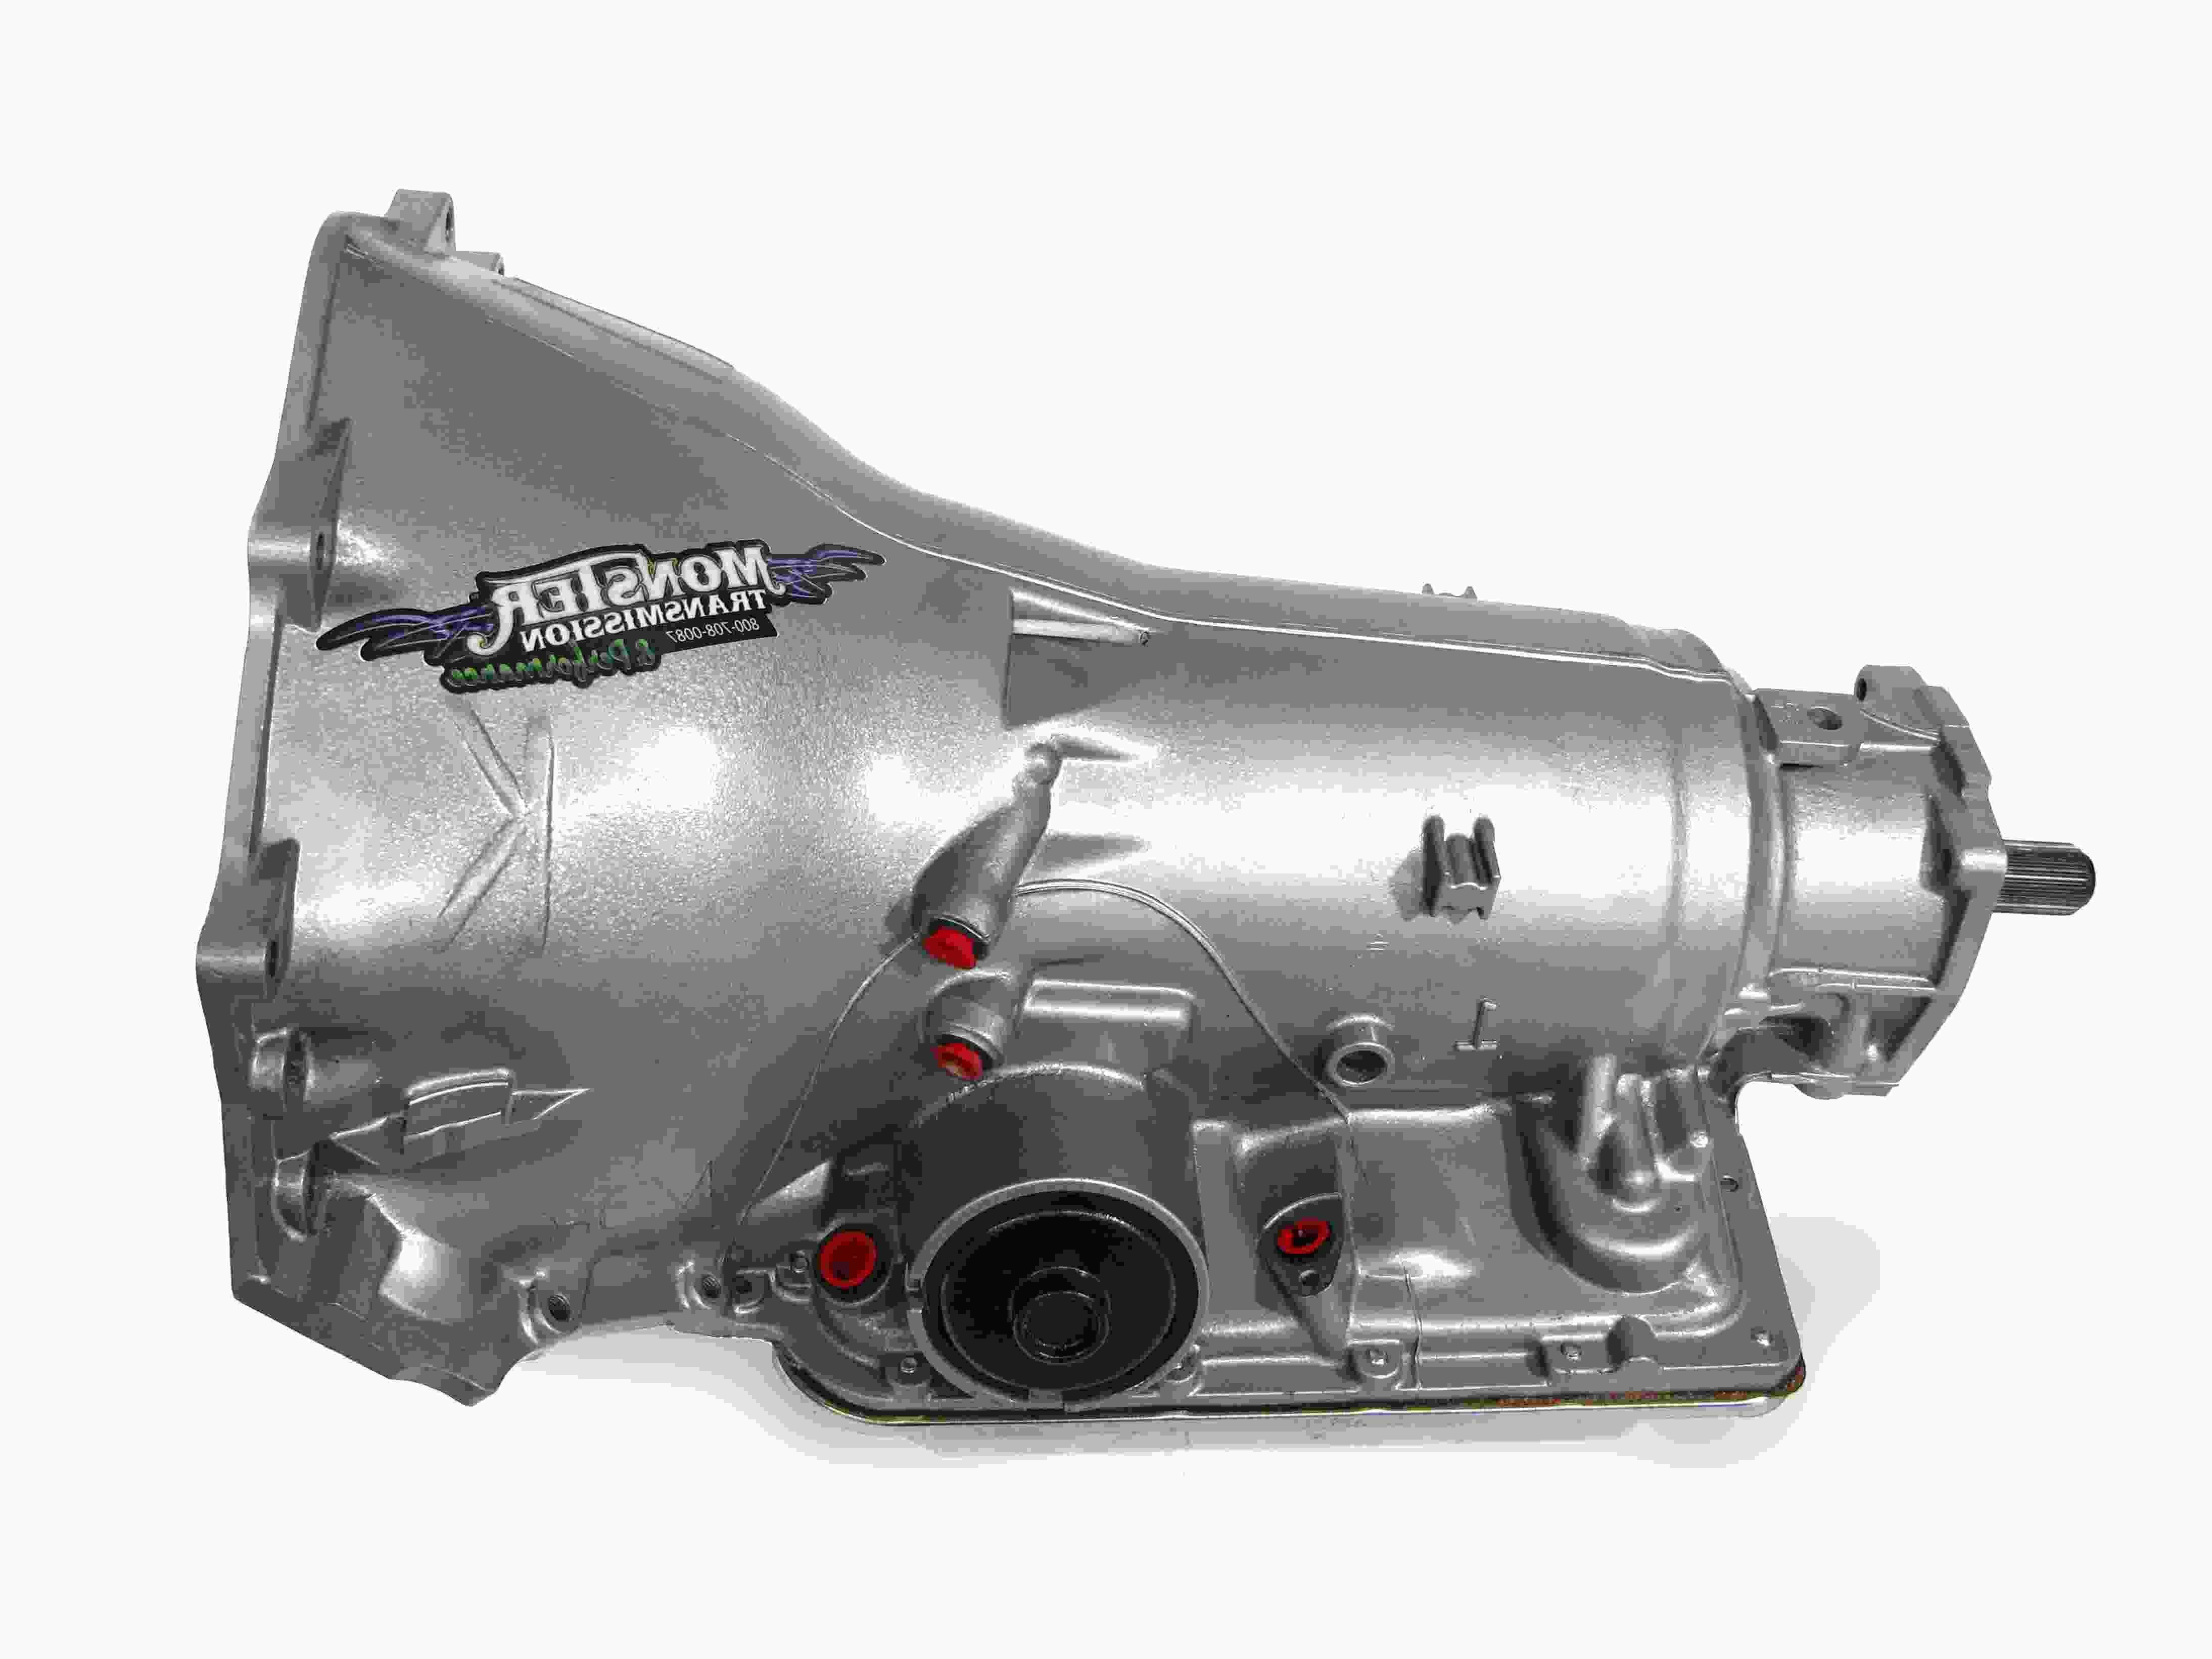 700r4 transmission for sale